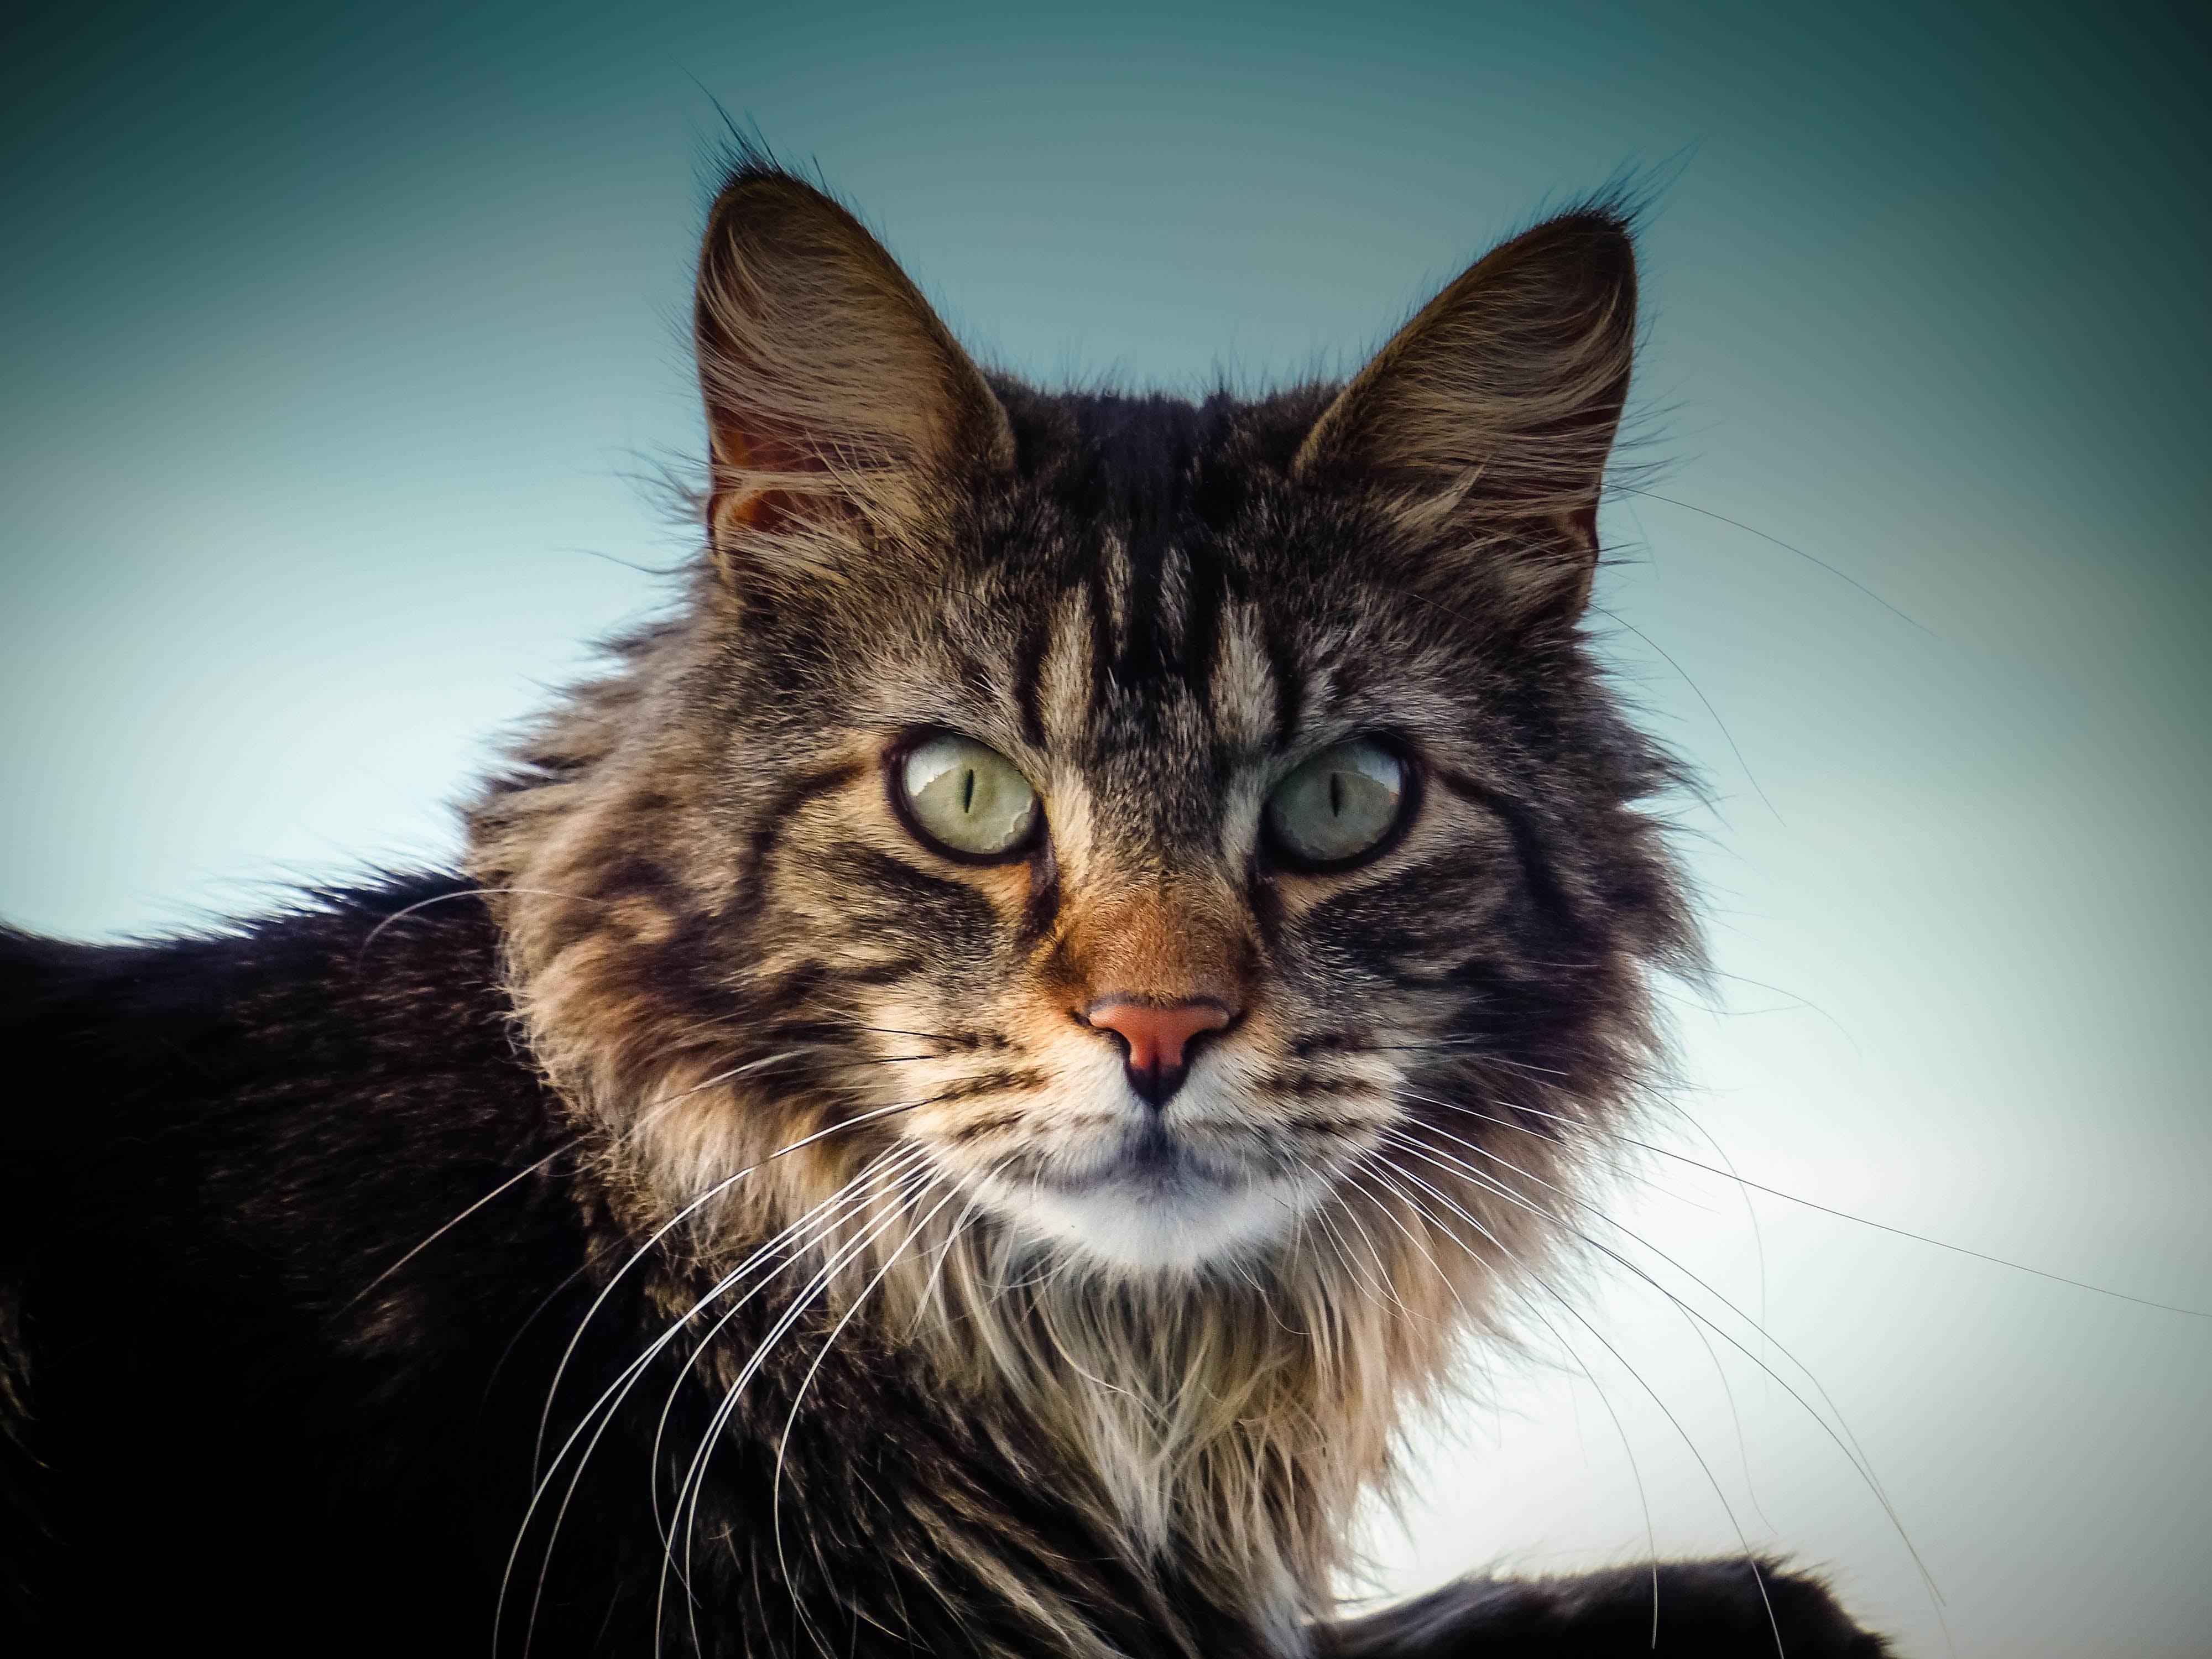 Kostenloses Stock Foto zu augen, gucken, kätzchen, katze